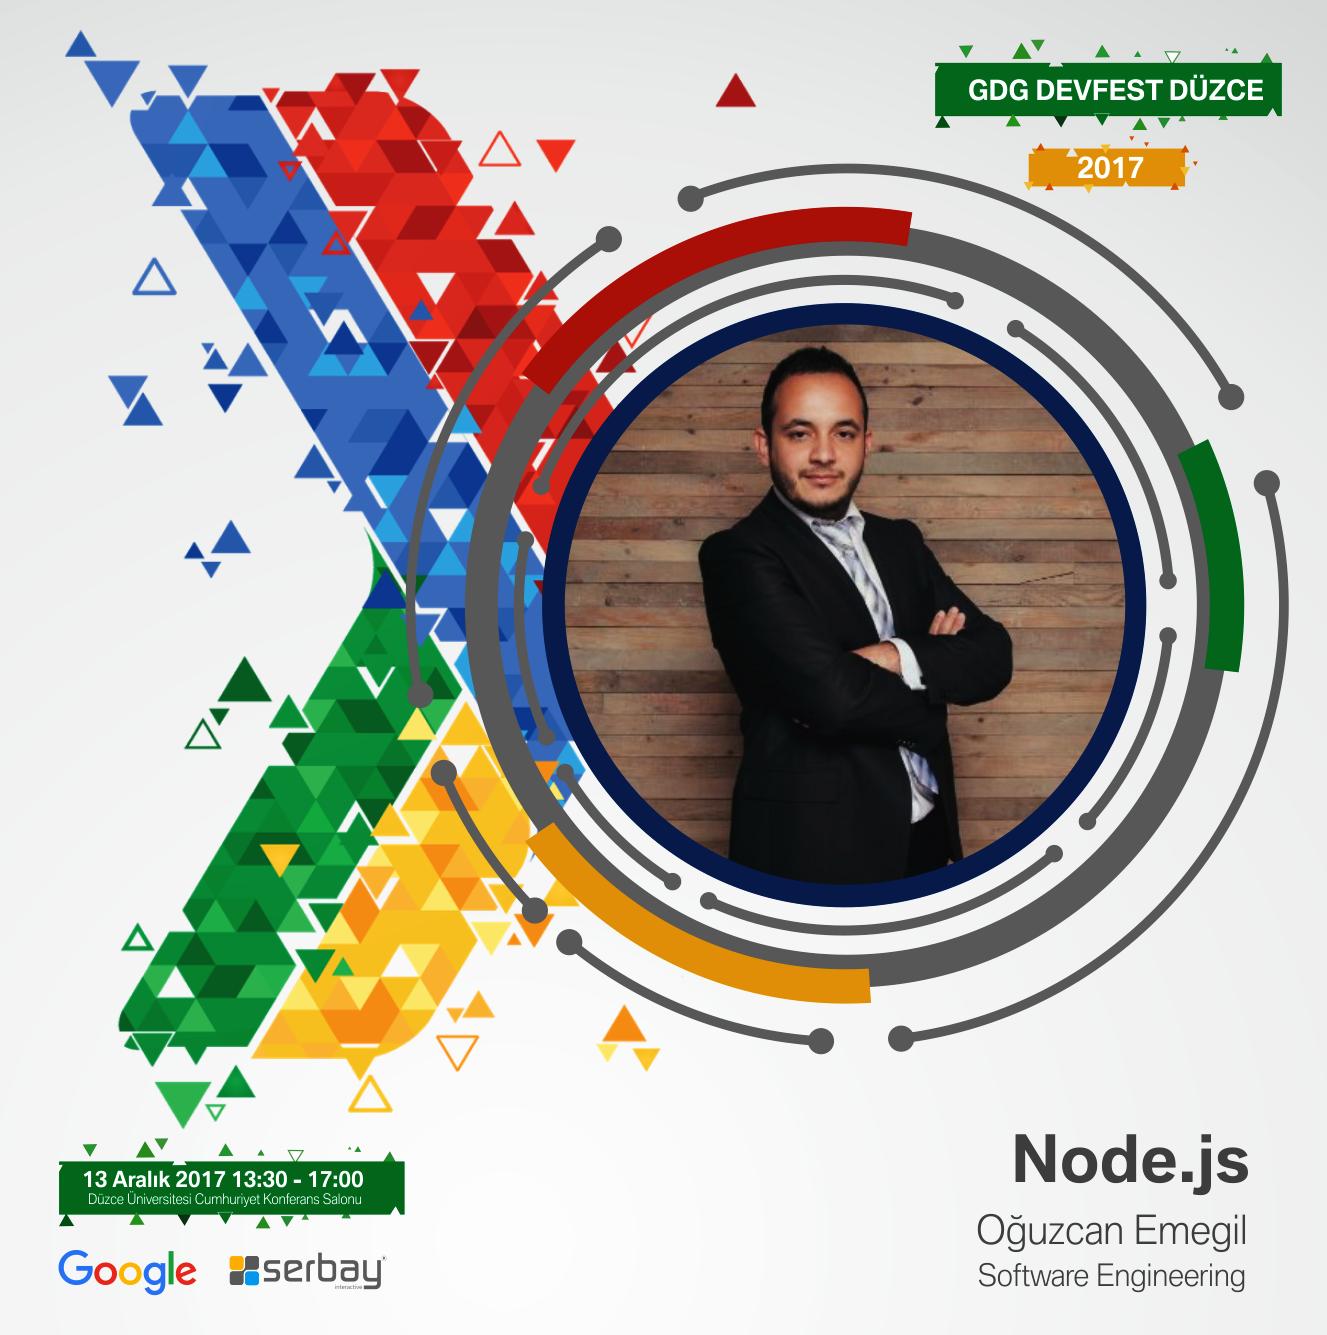 Software Engineering Oğuzcan Emegil, Node.js konusunda sunum yapacaktır.